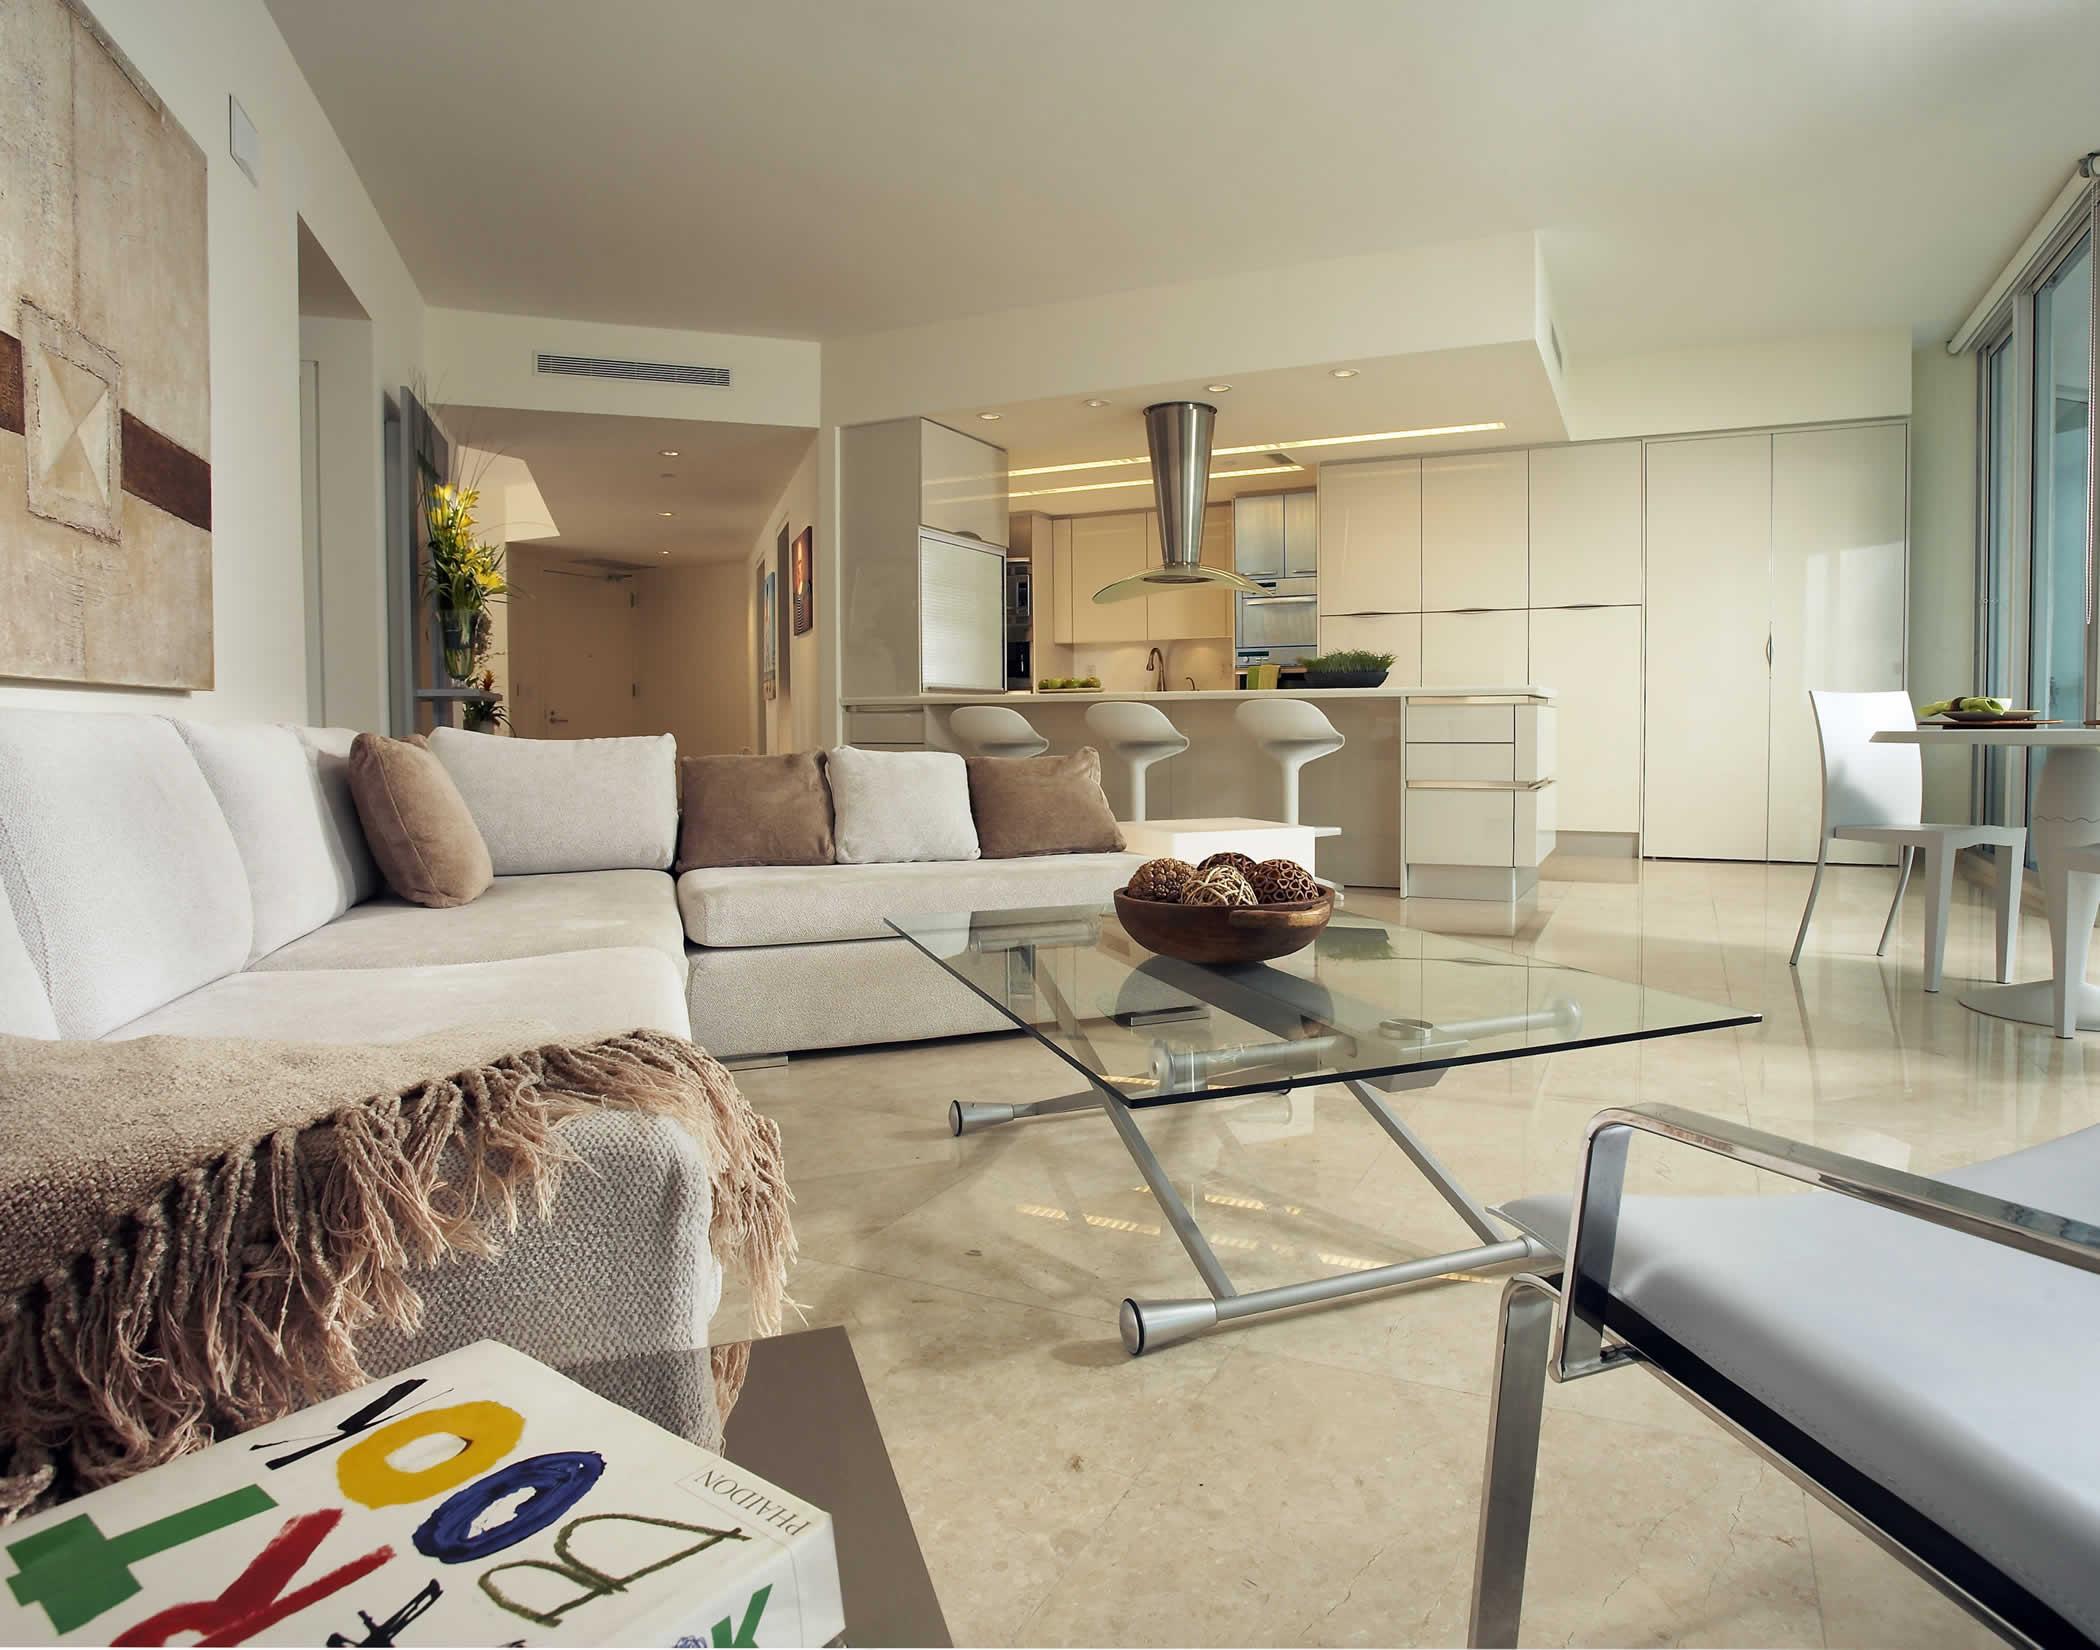 Departamento estilo contempor neo sunny isles florida for Decoracion de interiores para departamentos